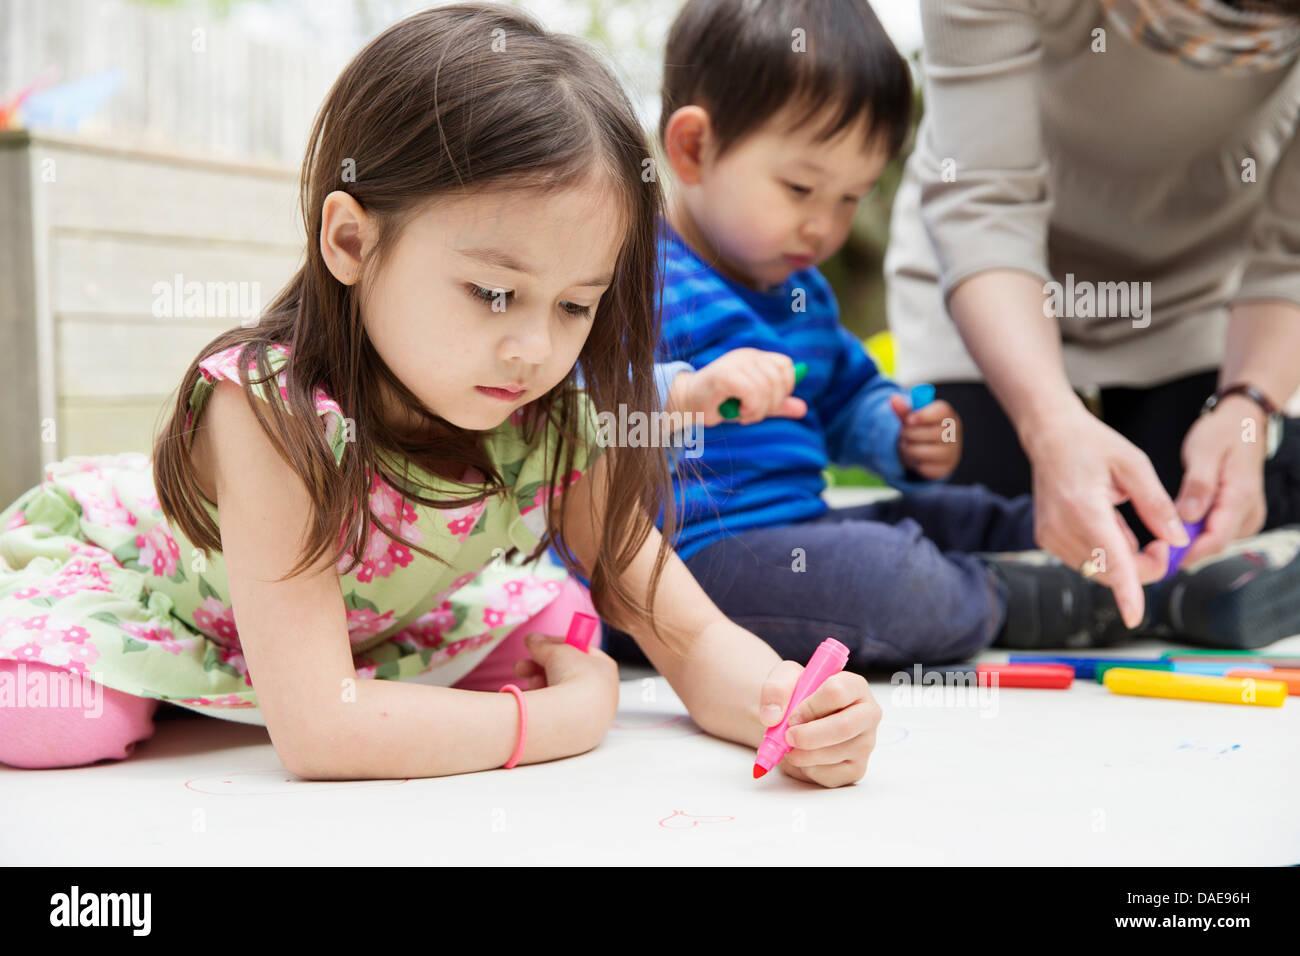 La mère et deux enfants dessin dans jardin Photo Stock